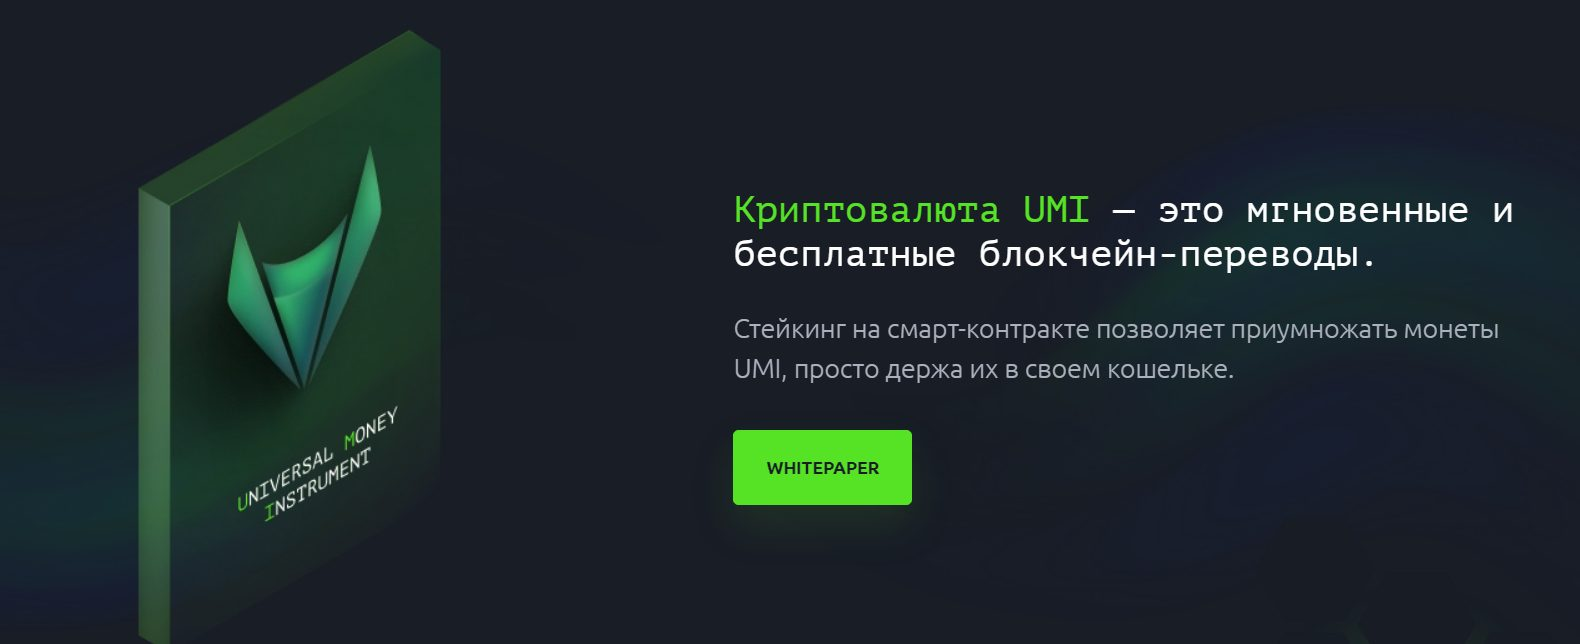 Блокчейн-переводы от Криптовалюты UMI